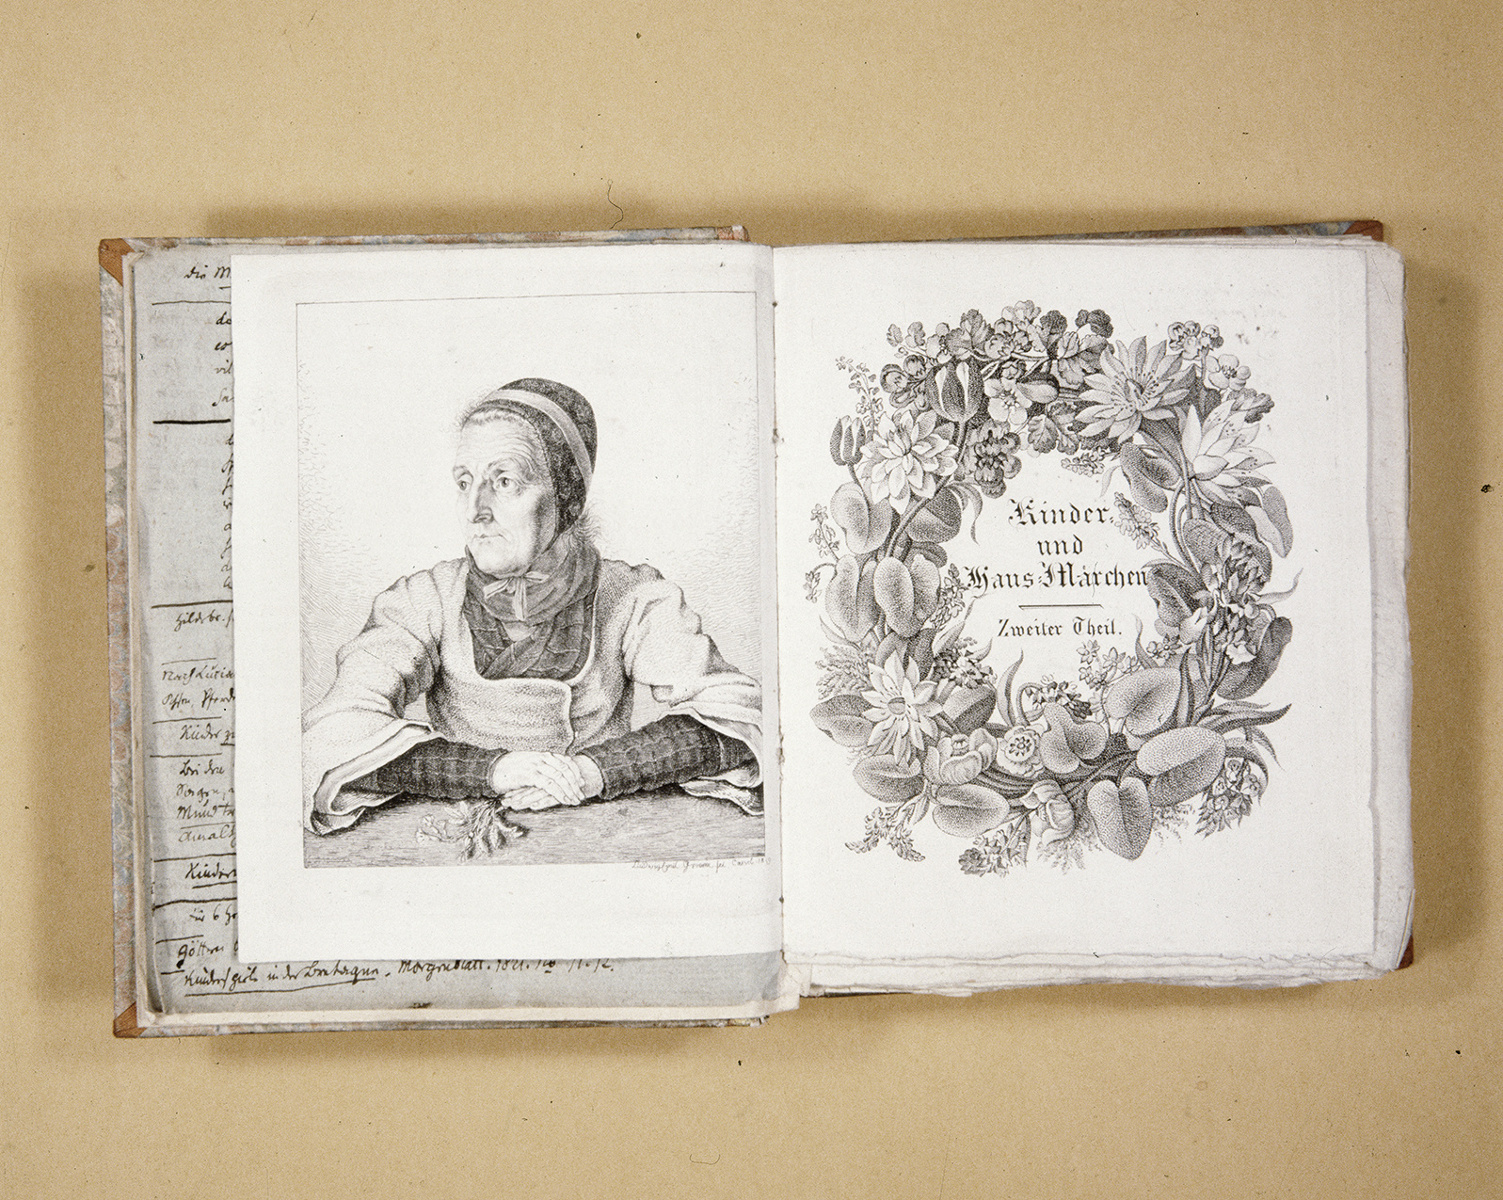 Illustriertes Titelblatt des zweiten Bandes der Kinder- und Hausmärchen der Brüder Grimm mit Darstellung der Märchenerzählerin Dorothea Viehmann, Stich von Ludwig Emil Grimm, 1819 (Brüder Grimm-Museum)